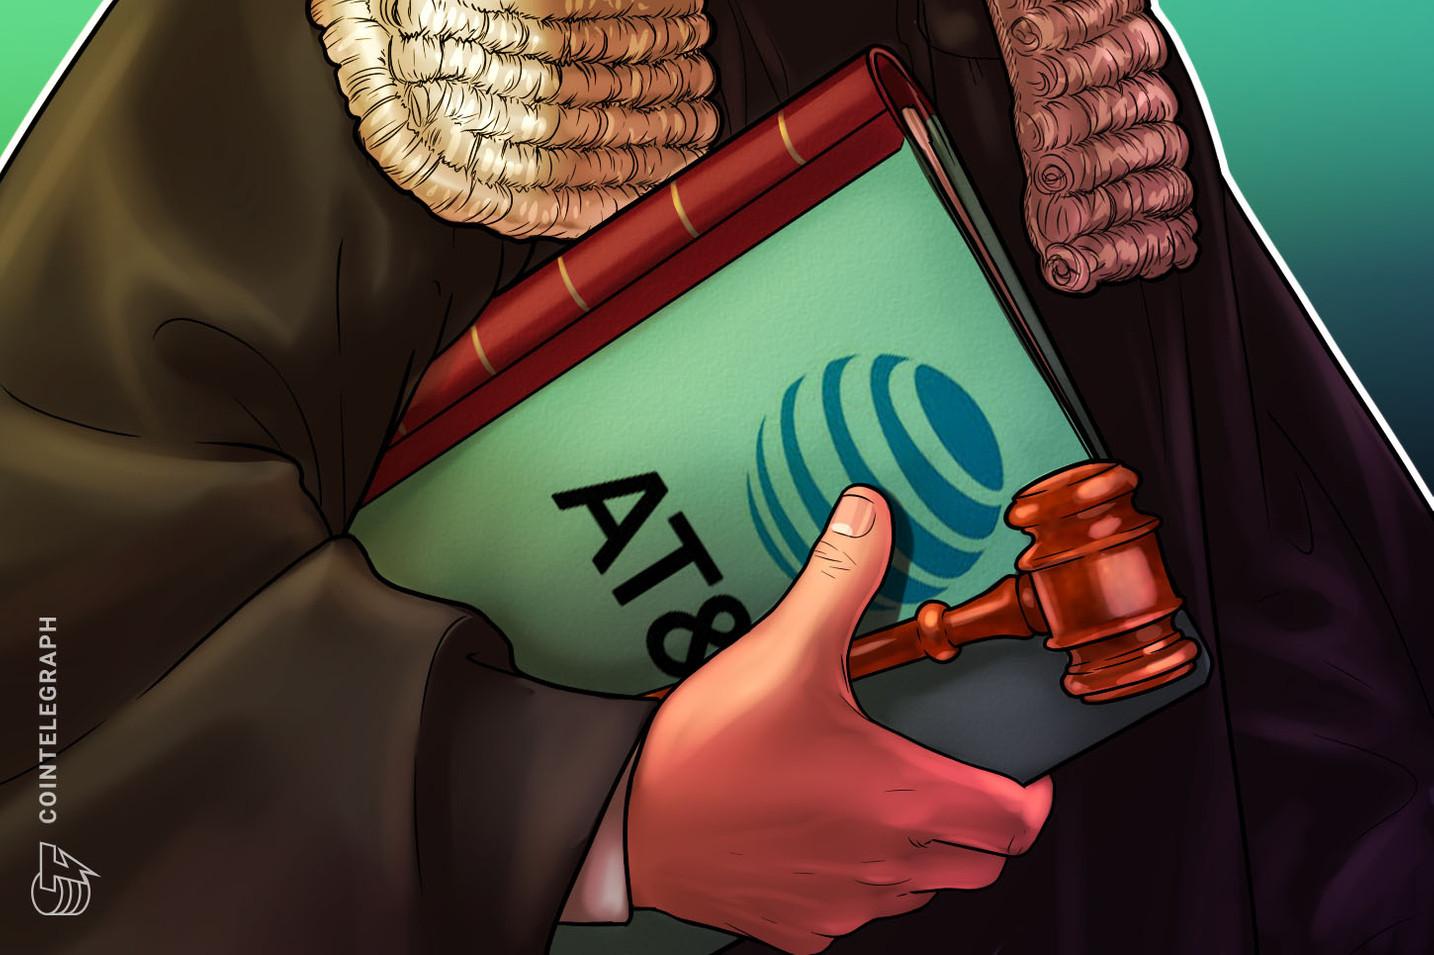 Un juez acepta la viabilidad de una demanda contra AT&T en un caso de hack de USD 24 millones